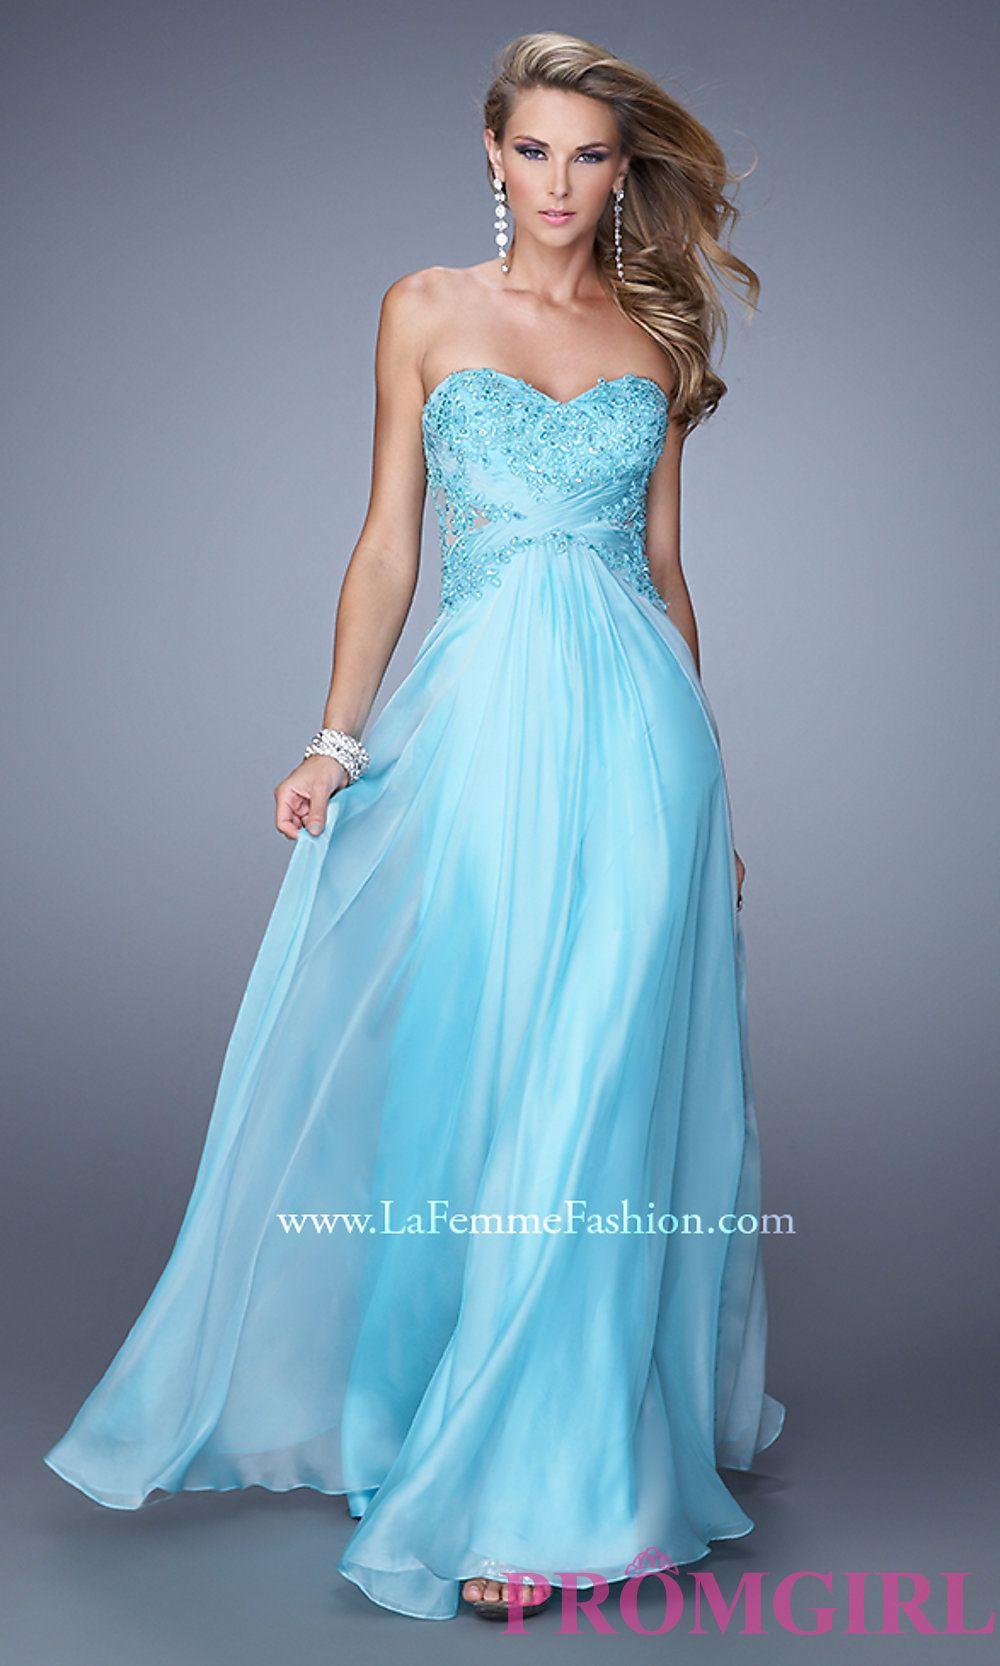 Sleeveless Long Chiffon Prom Dress  Style: LF-20762